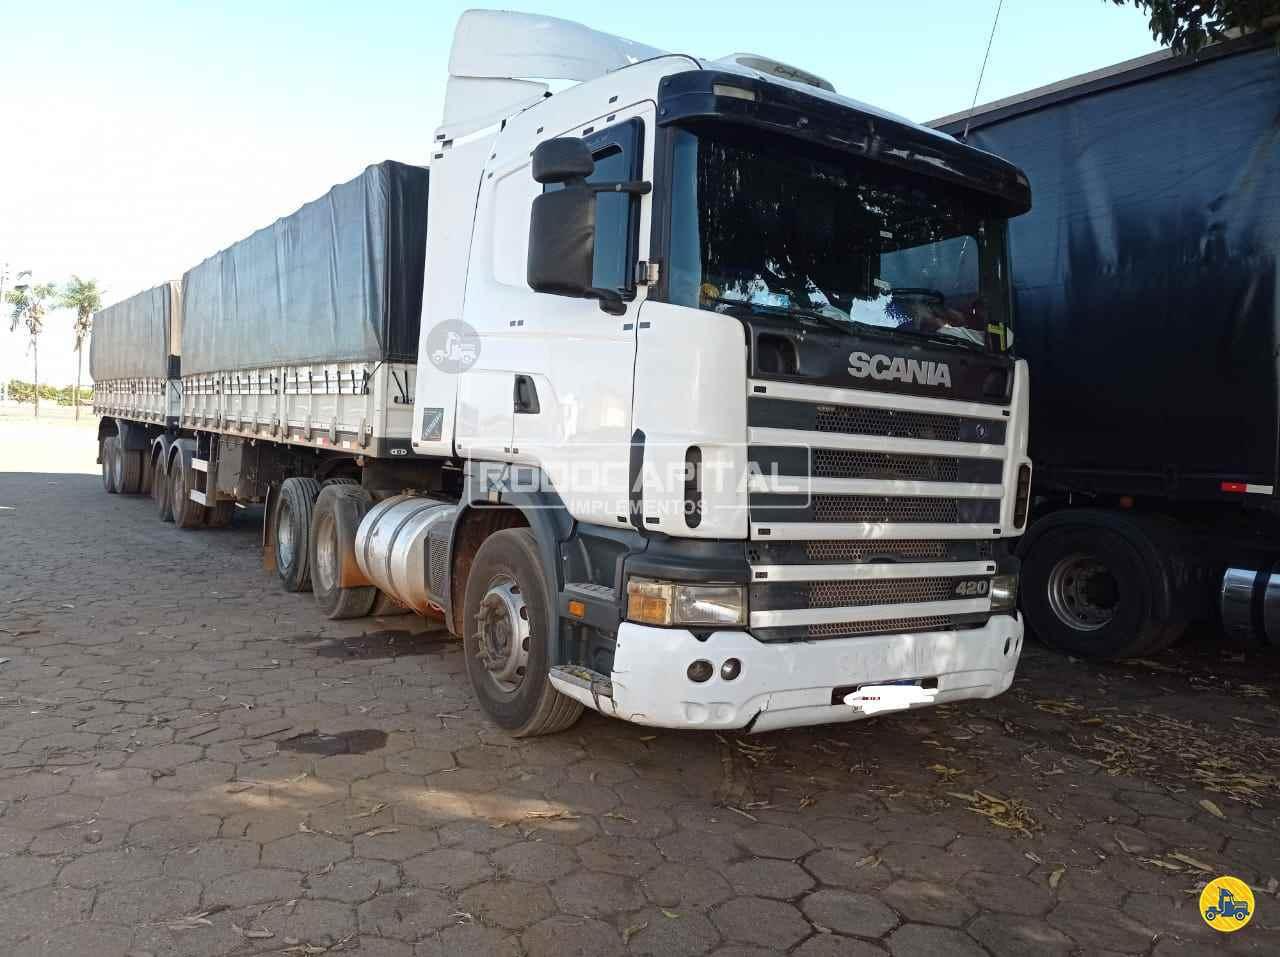 CAMINHAO SCANIA SCANIA P420 Graneleiro Truck 6x2 RODOCAPITAL - TRUCKVAN BRASILIA DISTRITO FEDERAL DF